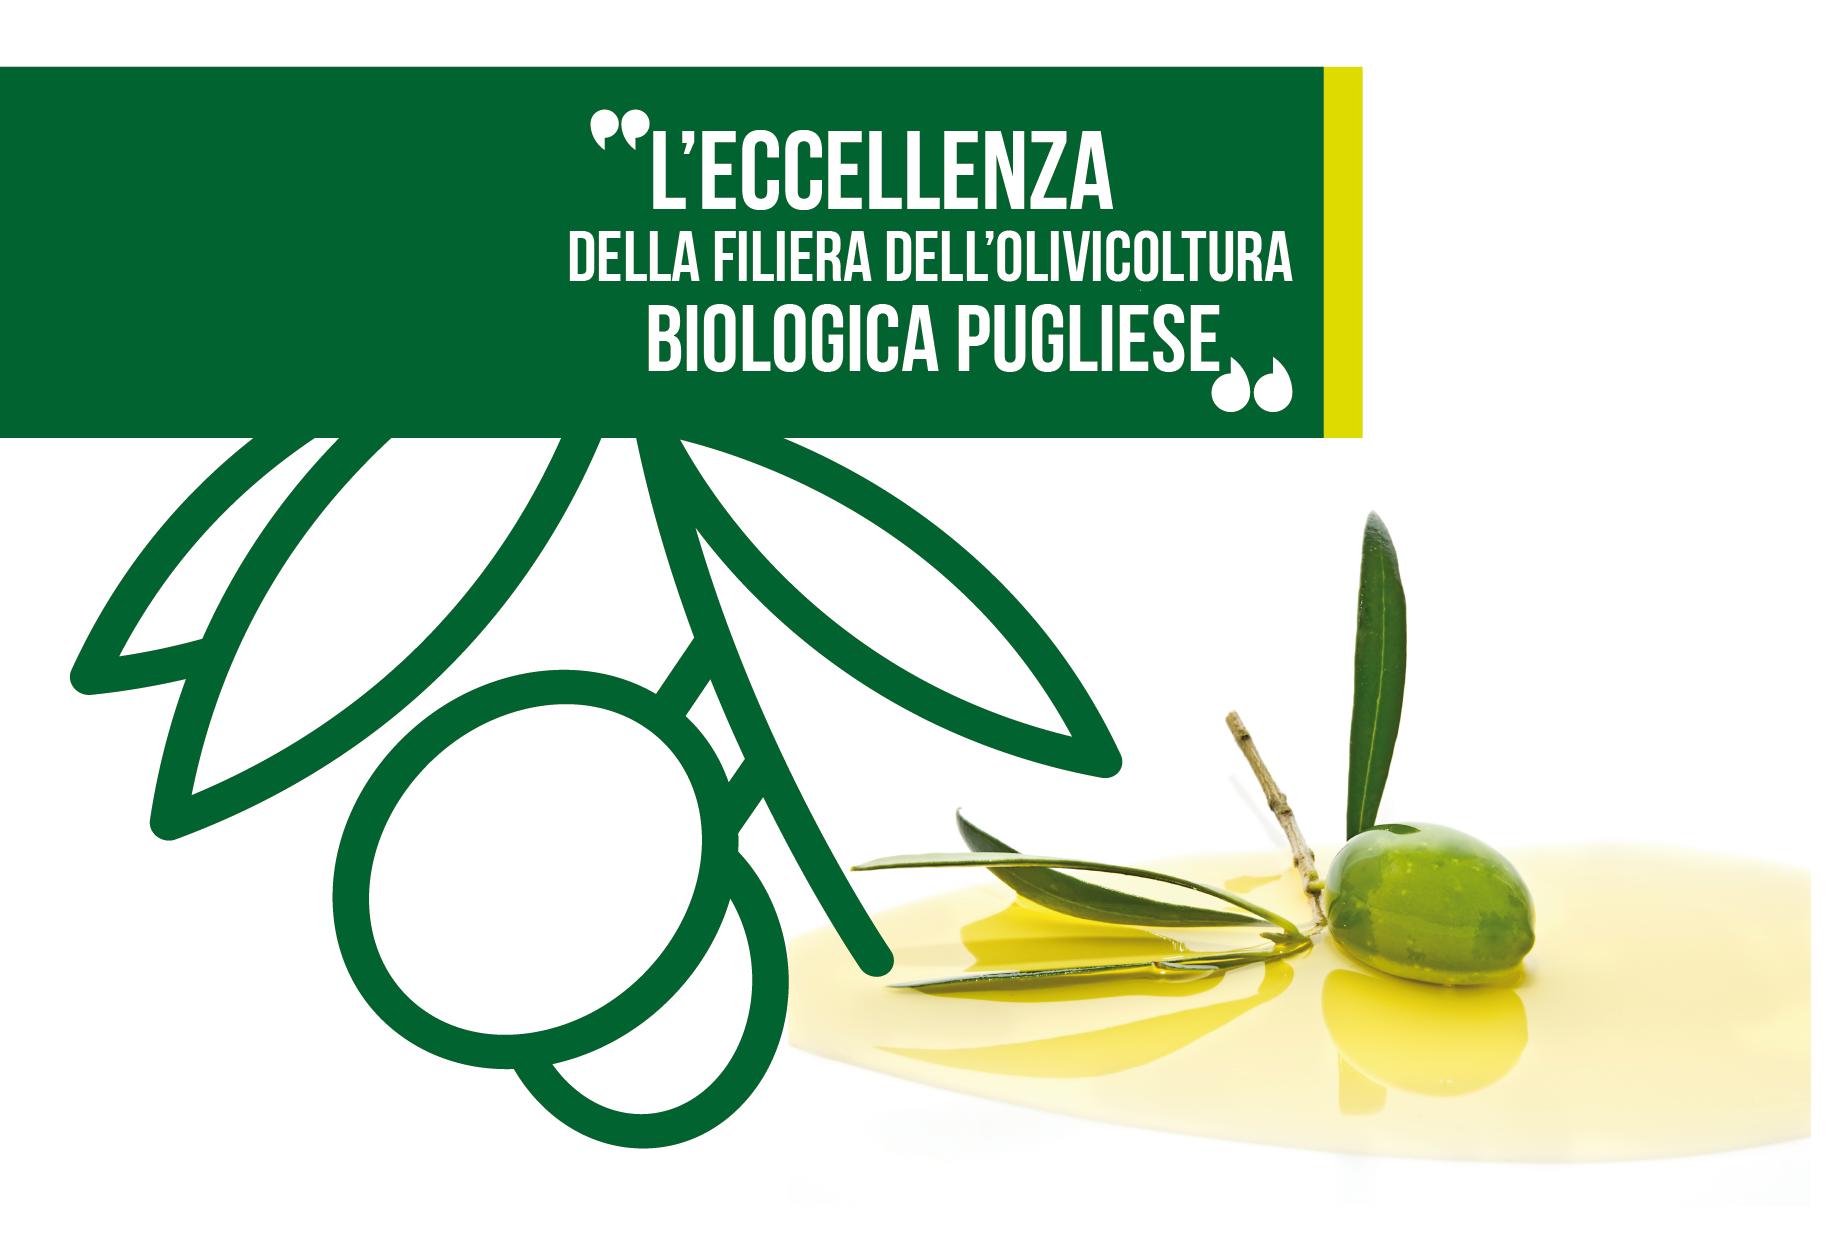 """Progetto """"OLIO BIO"""", una serie di iniziative per la promozione dell'eccellenza della filiera dell'olivicoltura biologica pugliese"""